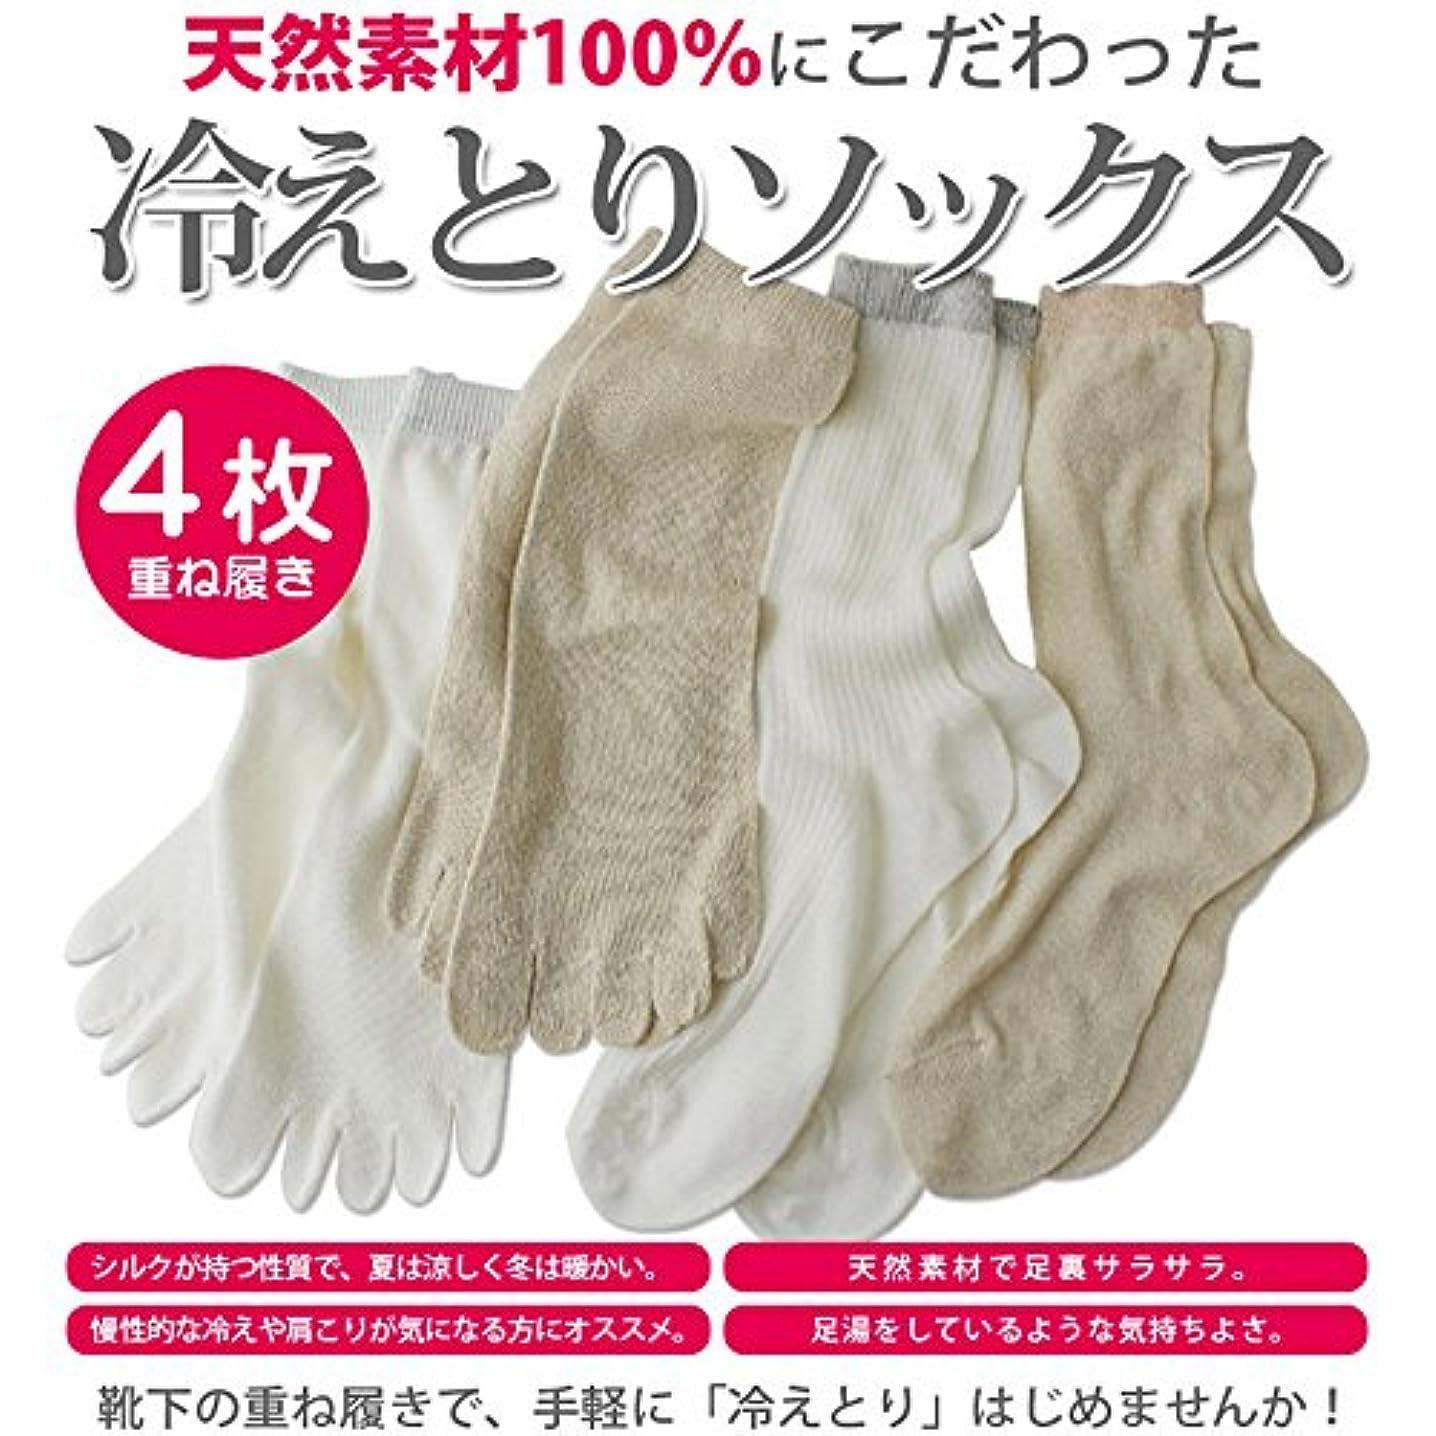 晴れ立法副冷え取り靴下 綿100%とシルク100% 呼吸ソックス 4枚重ねばきであったか 4枚セット